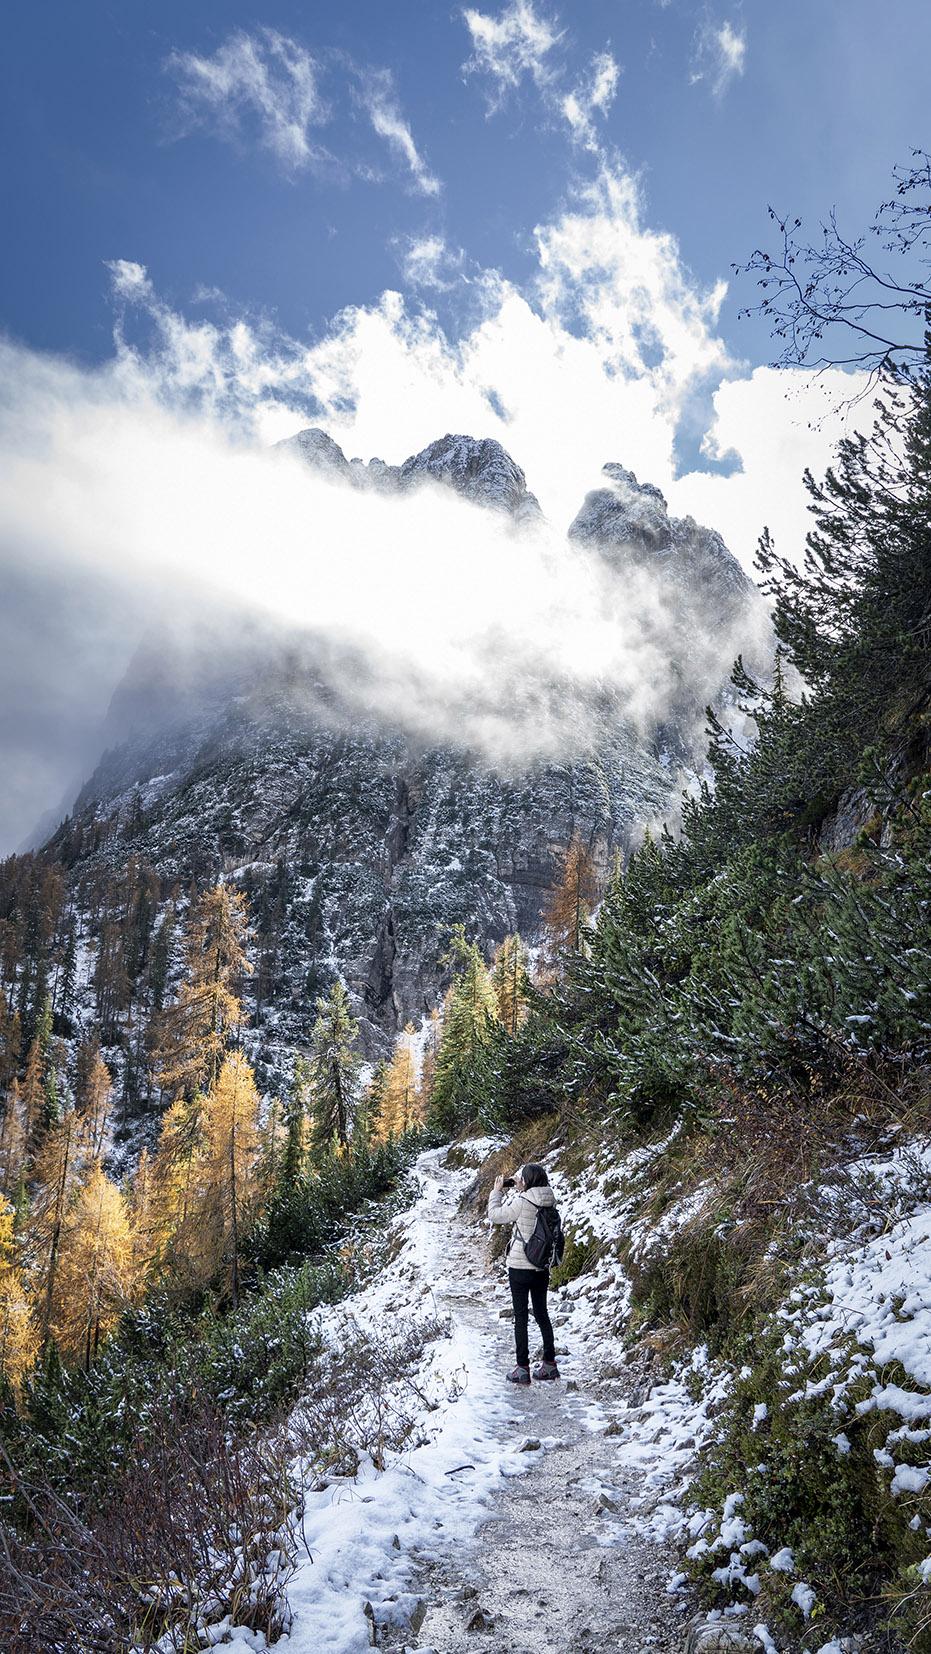 Une semaine dans les Dolomites lago di Sorapis sentier 215 randonnée chemin montagnes automne